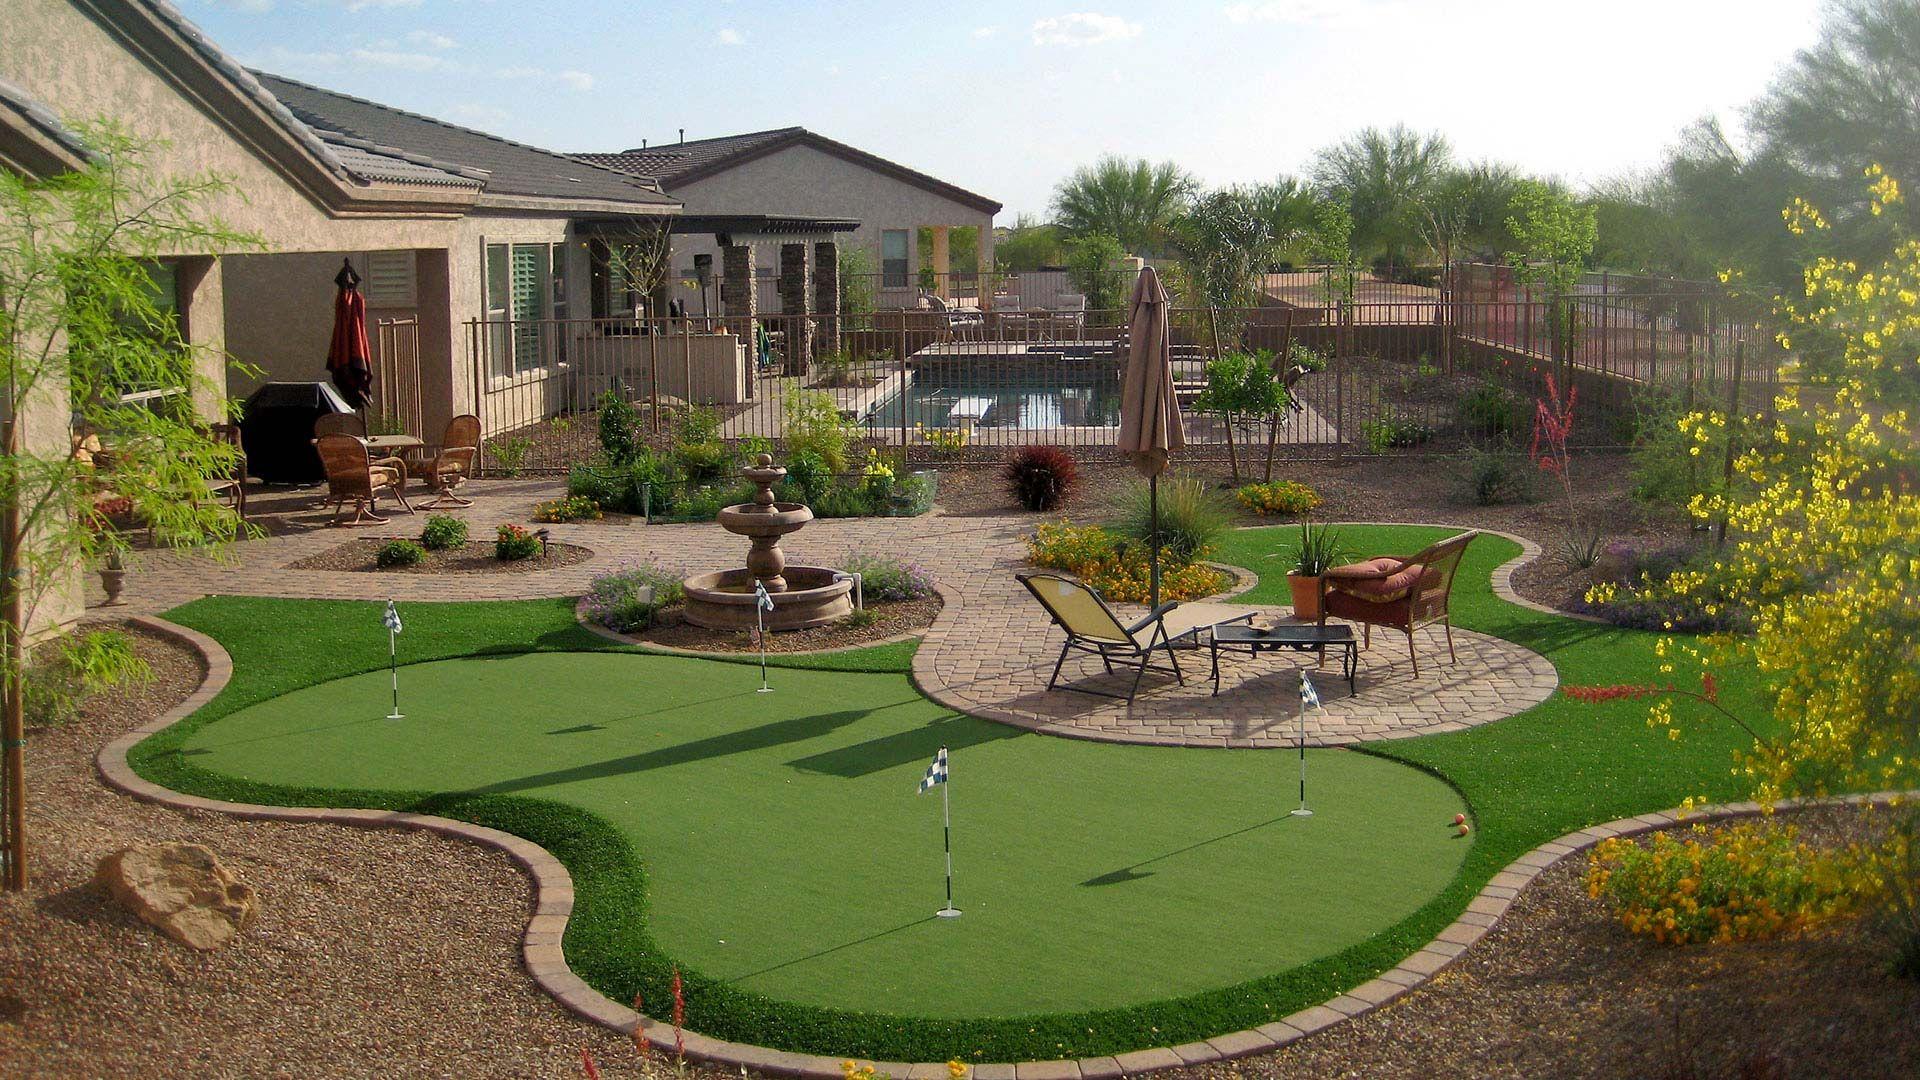 Image result for desert landscaping | Arizona backyard ... on Desert Landscape Ideas For Backyards id=50670